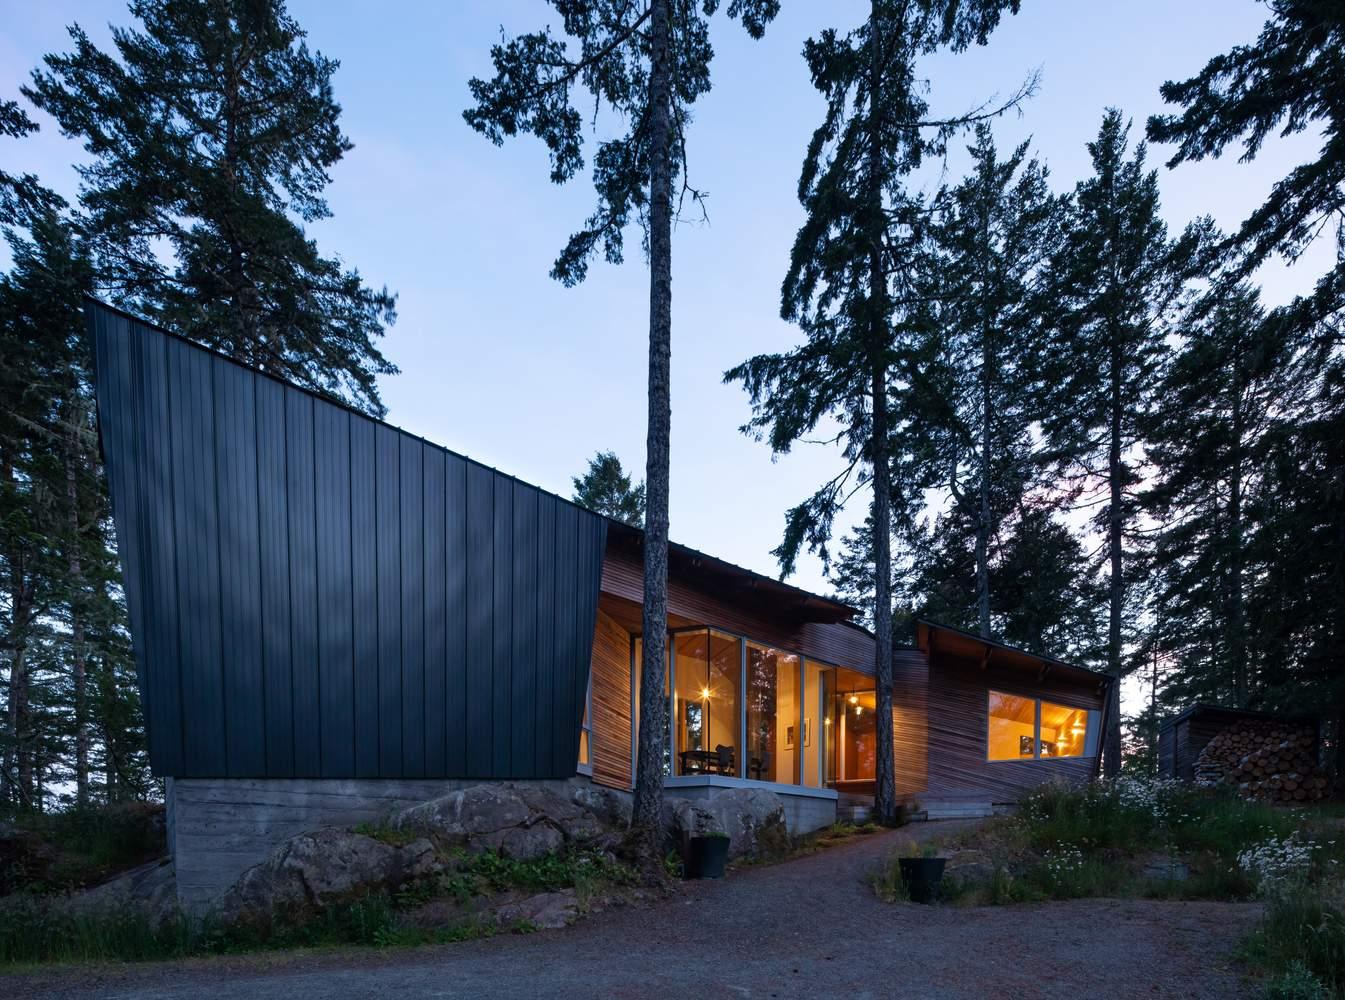 Нестандартный остроконечный дом на острове, Канада